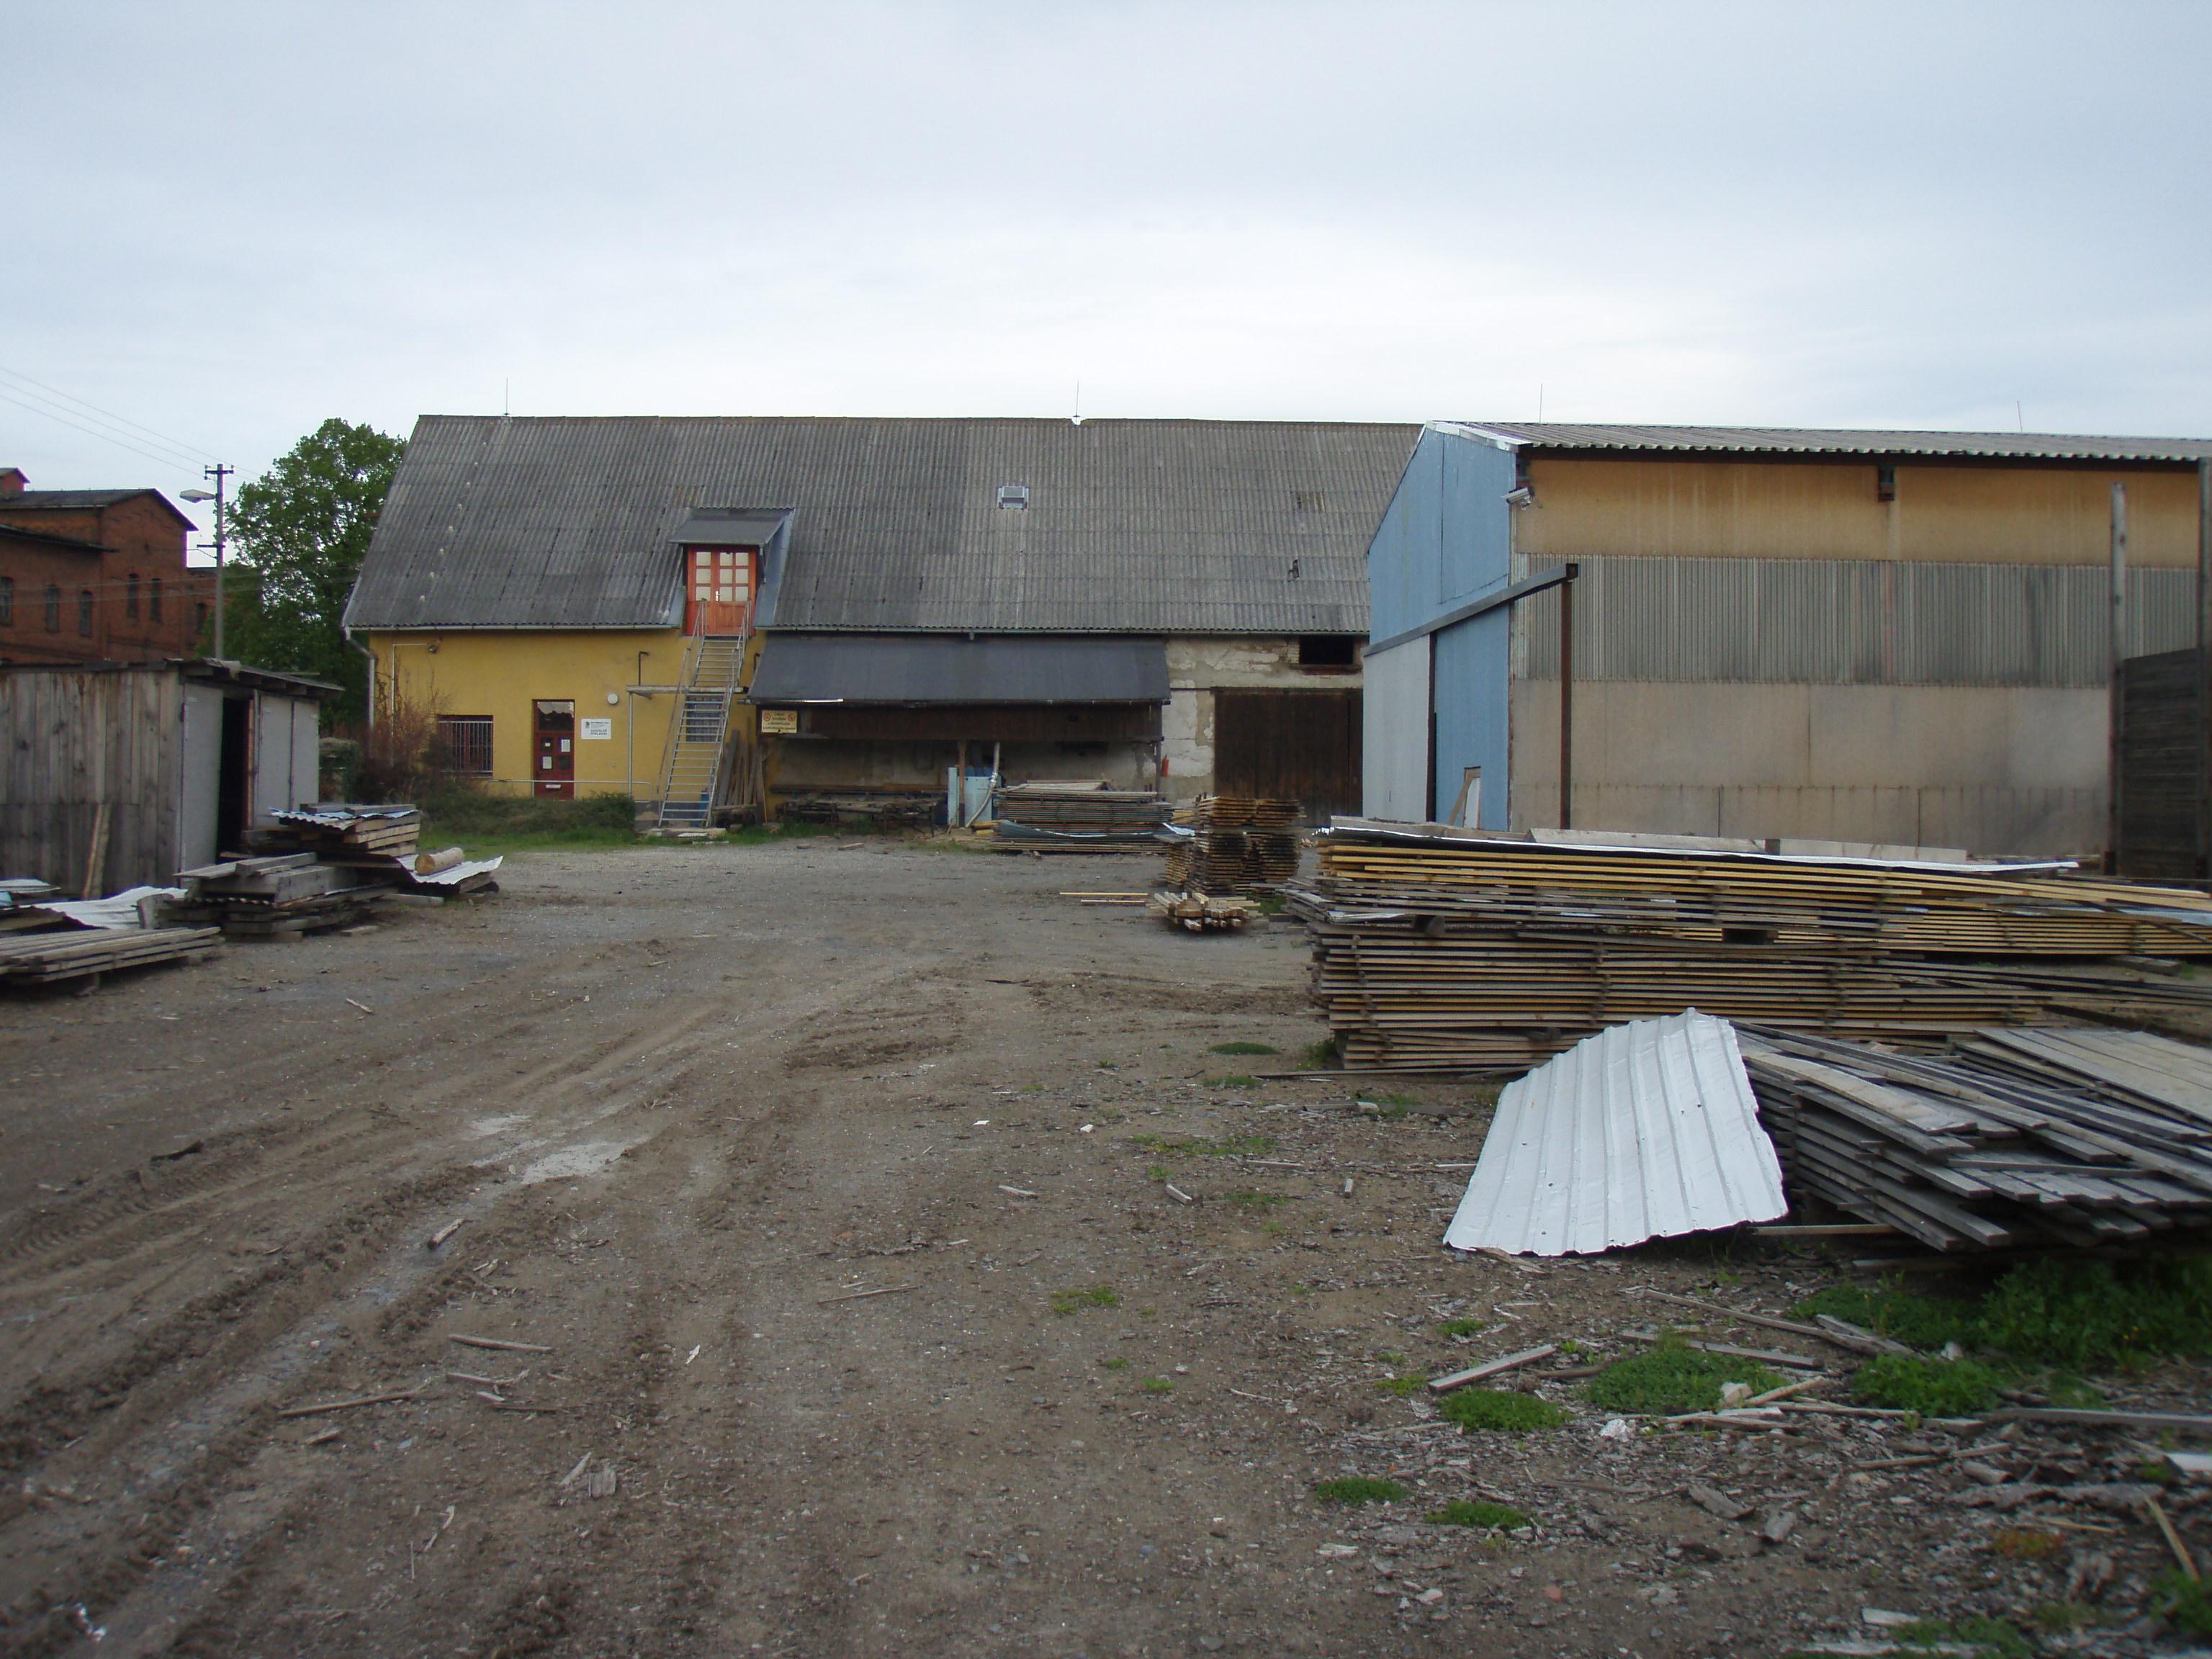 Verkauf oder Vermietung des Sägewerksareals